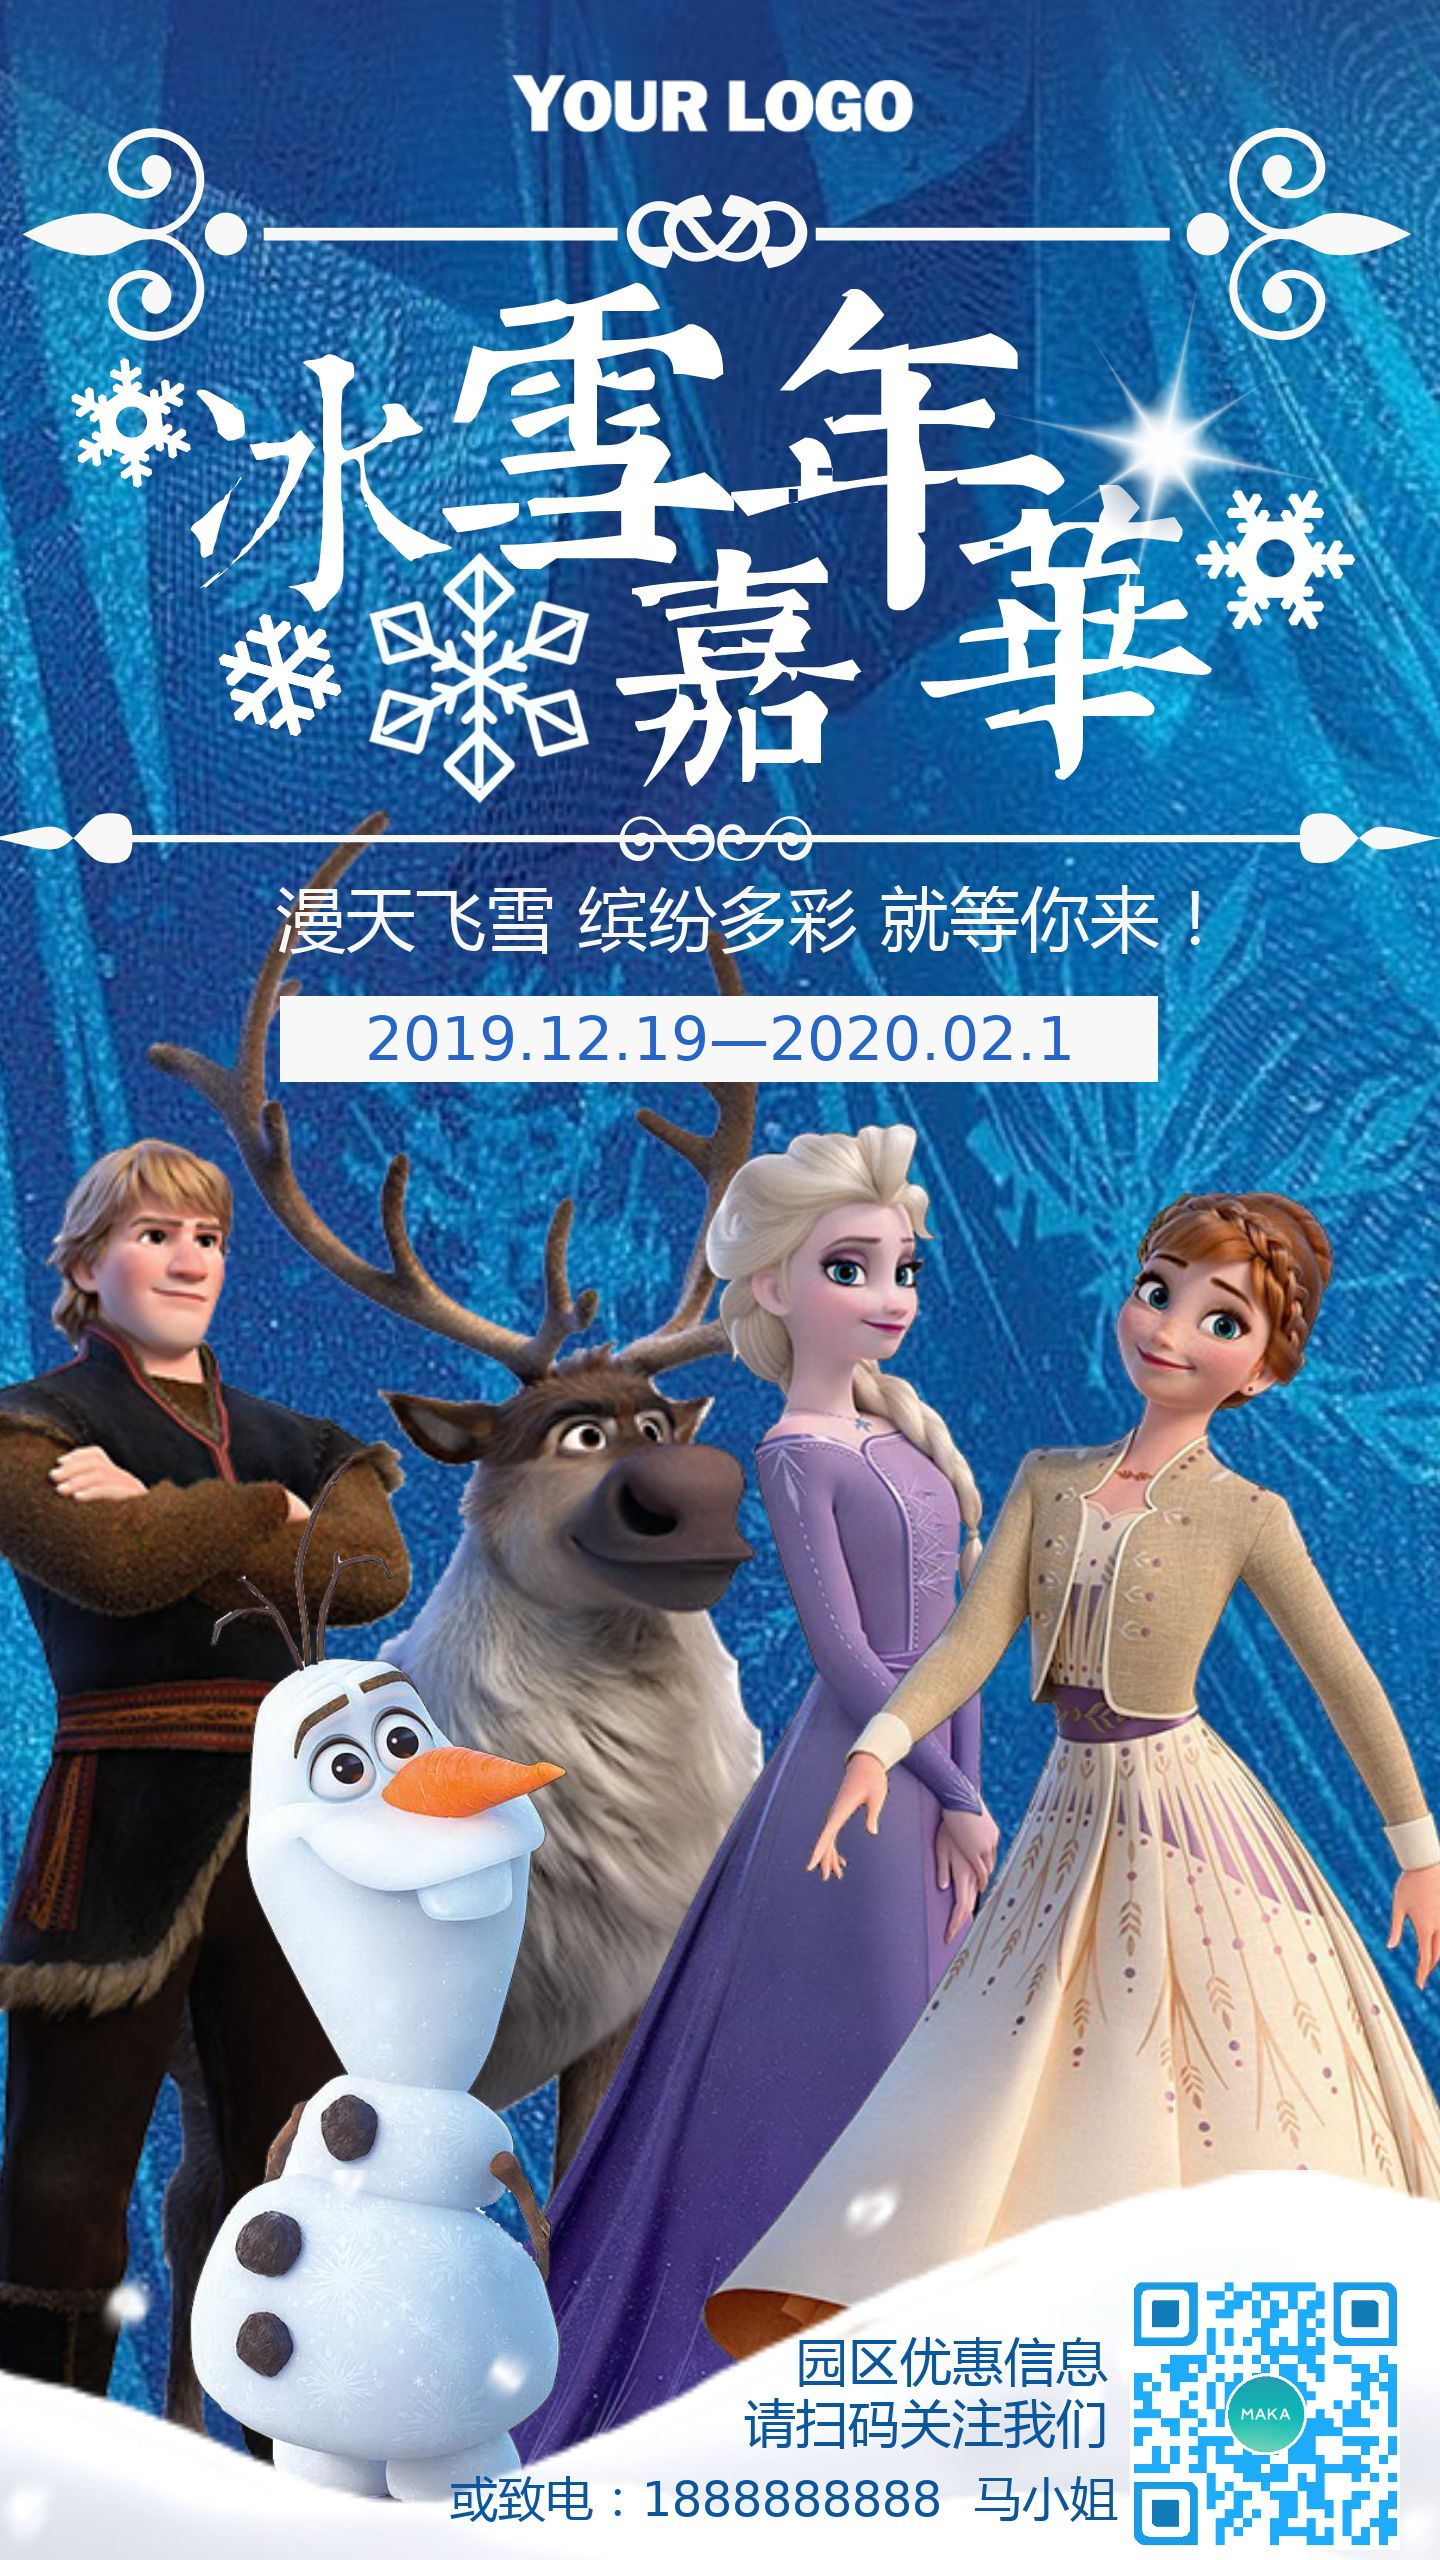 冰雪奇缘嘉年华冬季圣诞乐园宣传推广海报